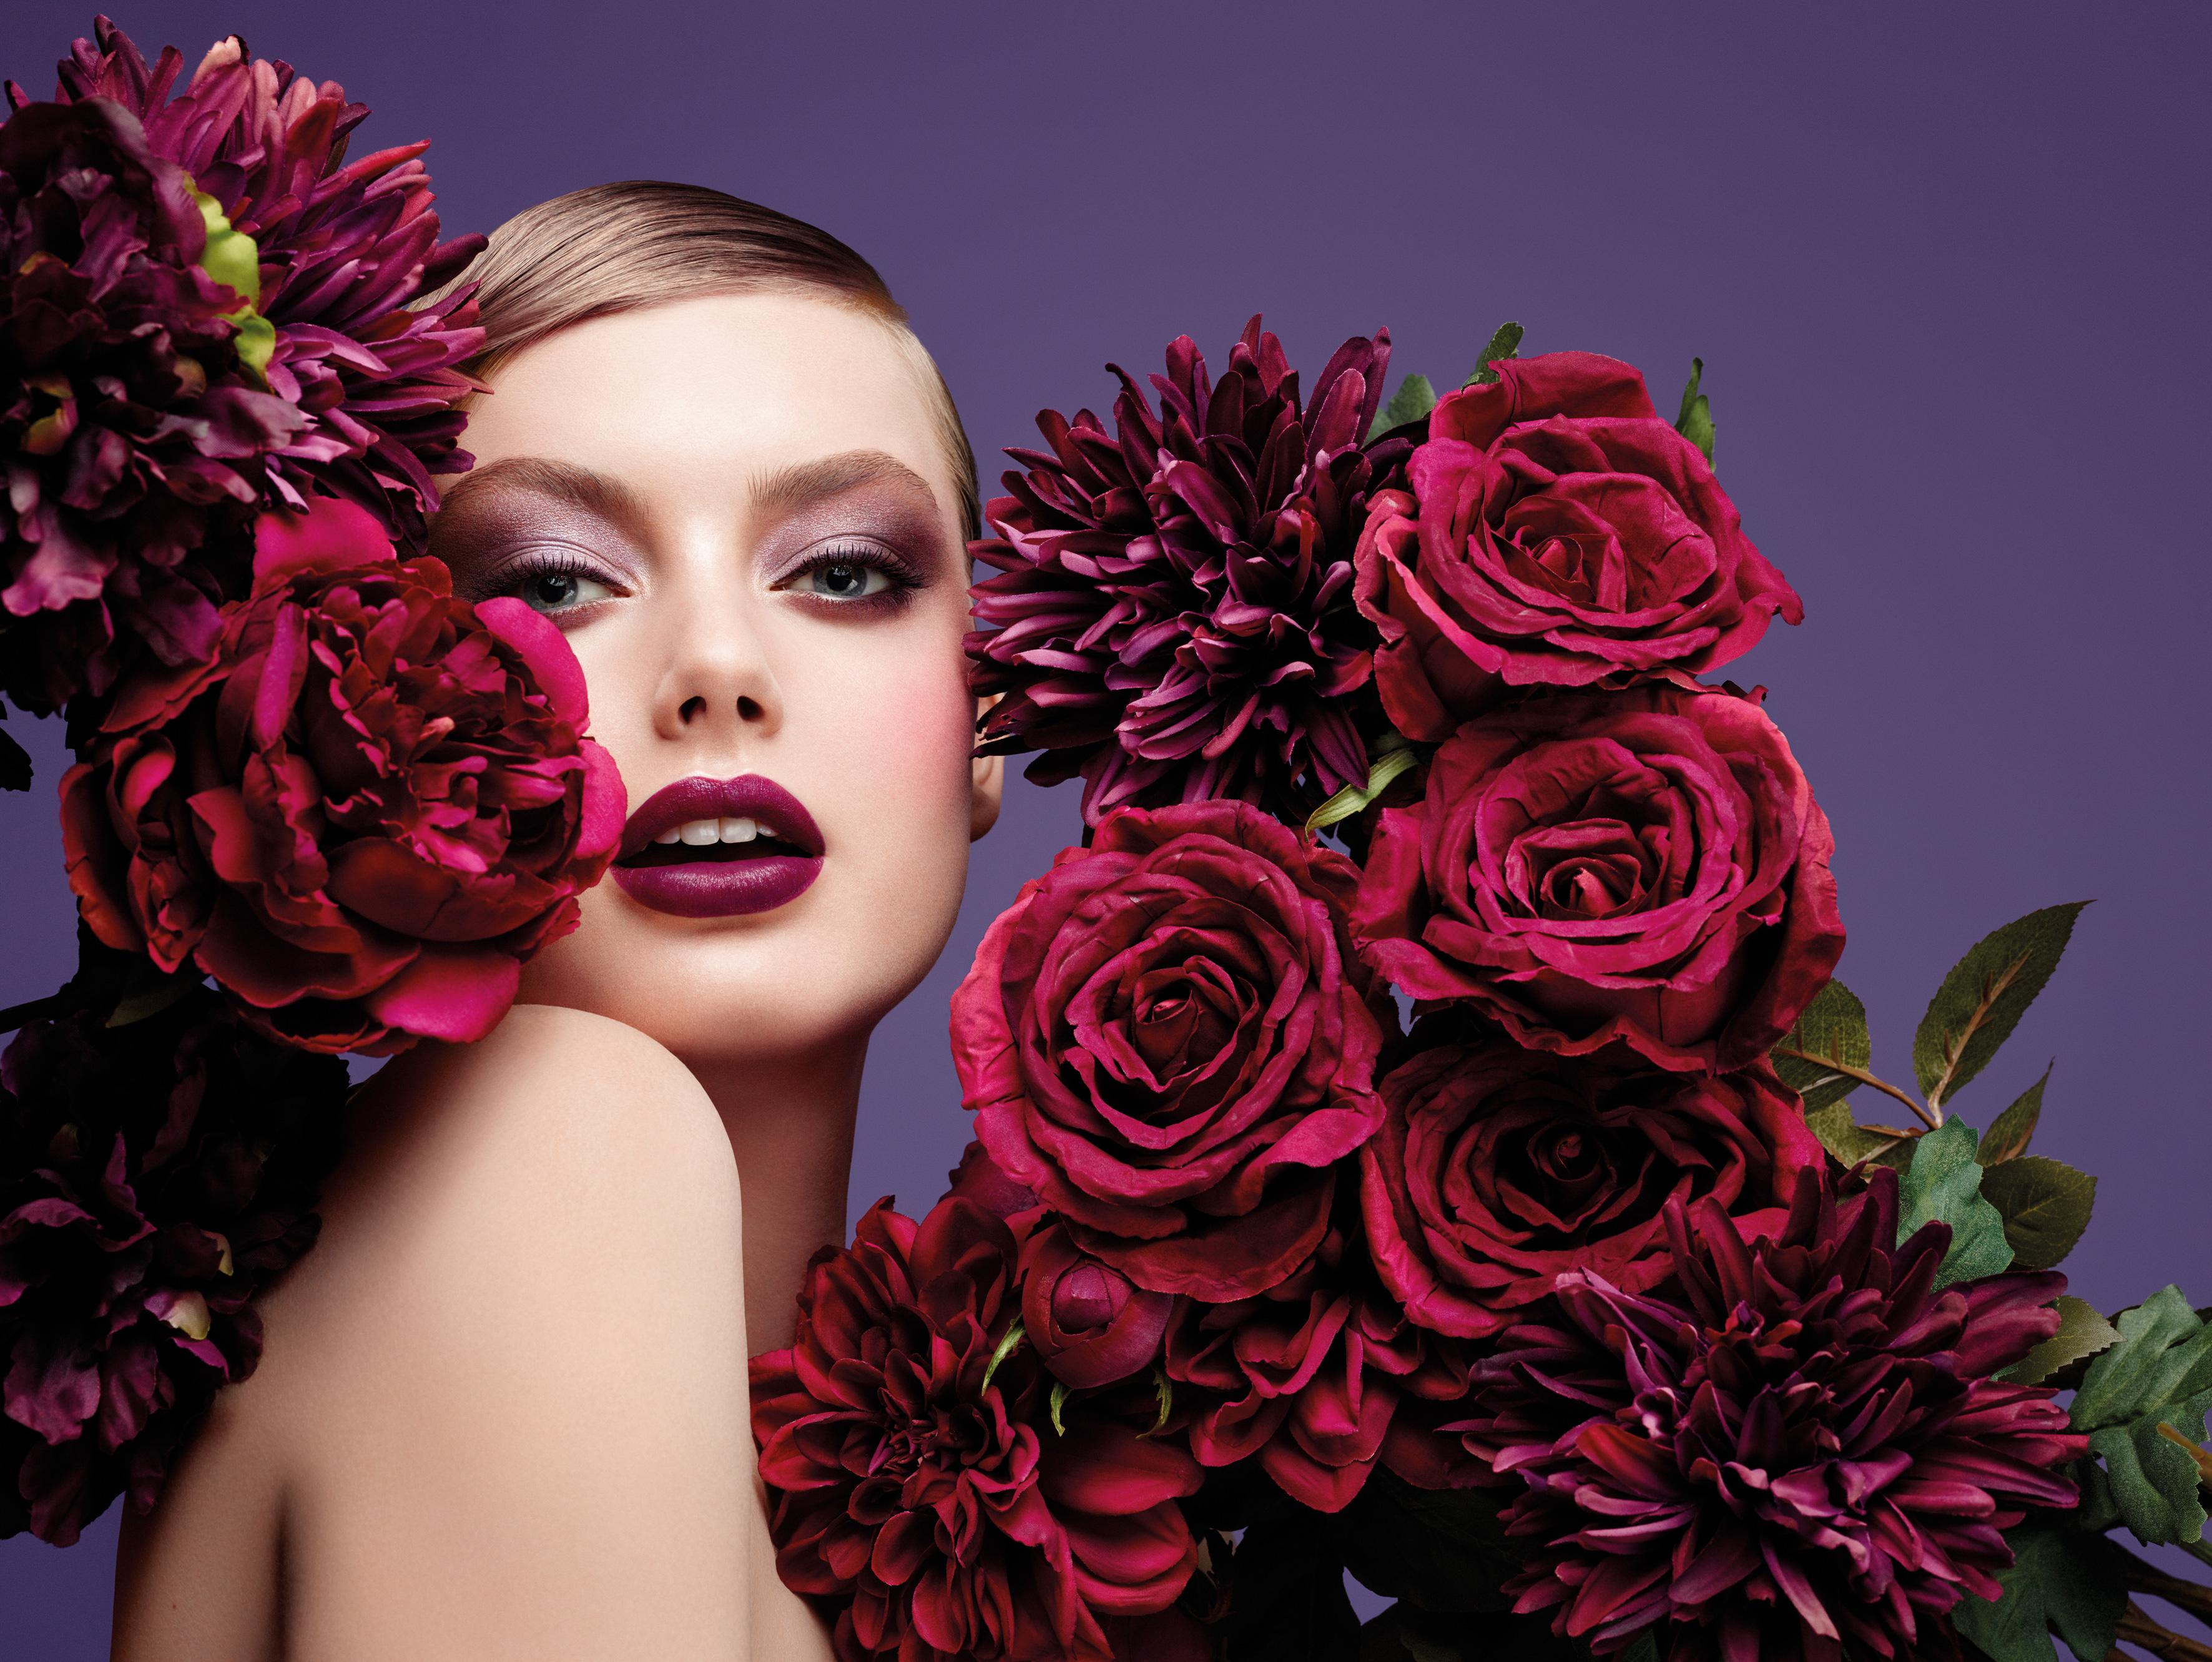 Новогодний макияж в стиле барокко от итальянской марки Pupa